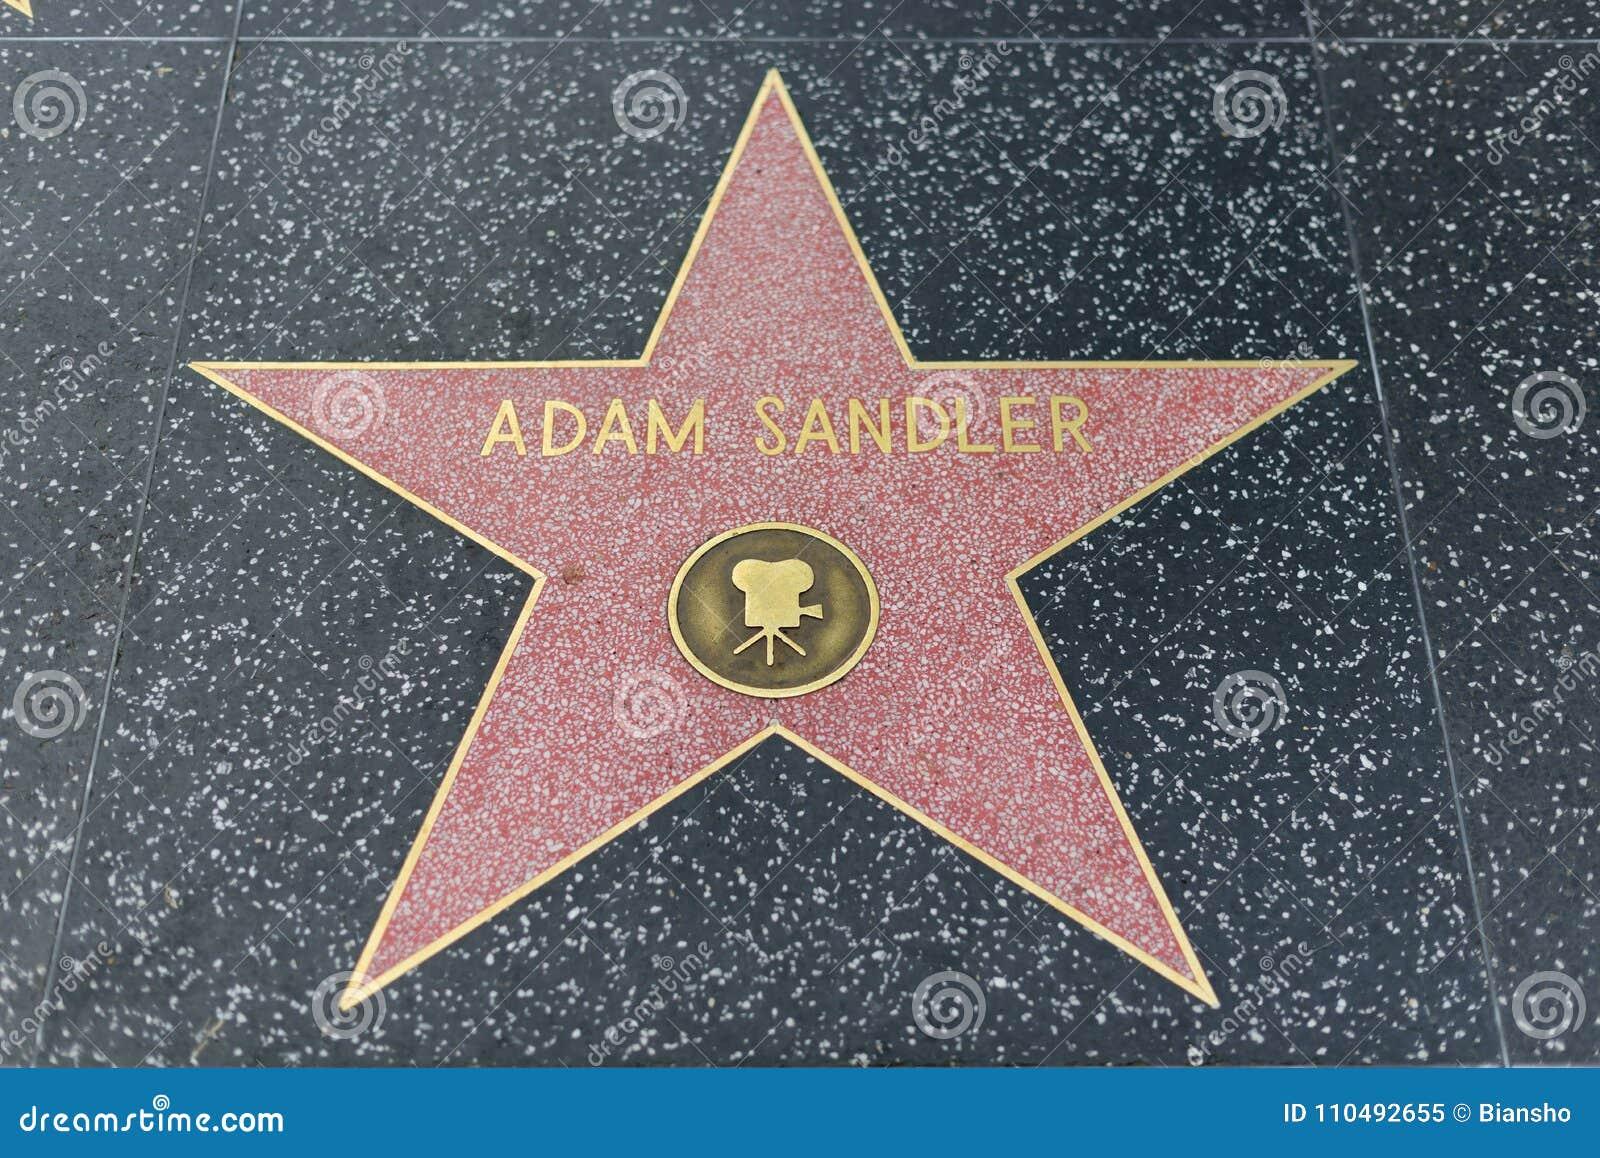 Stern Von Adam